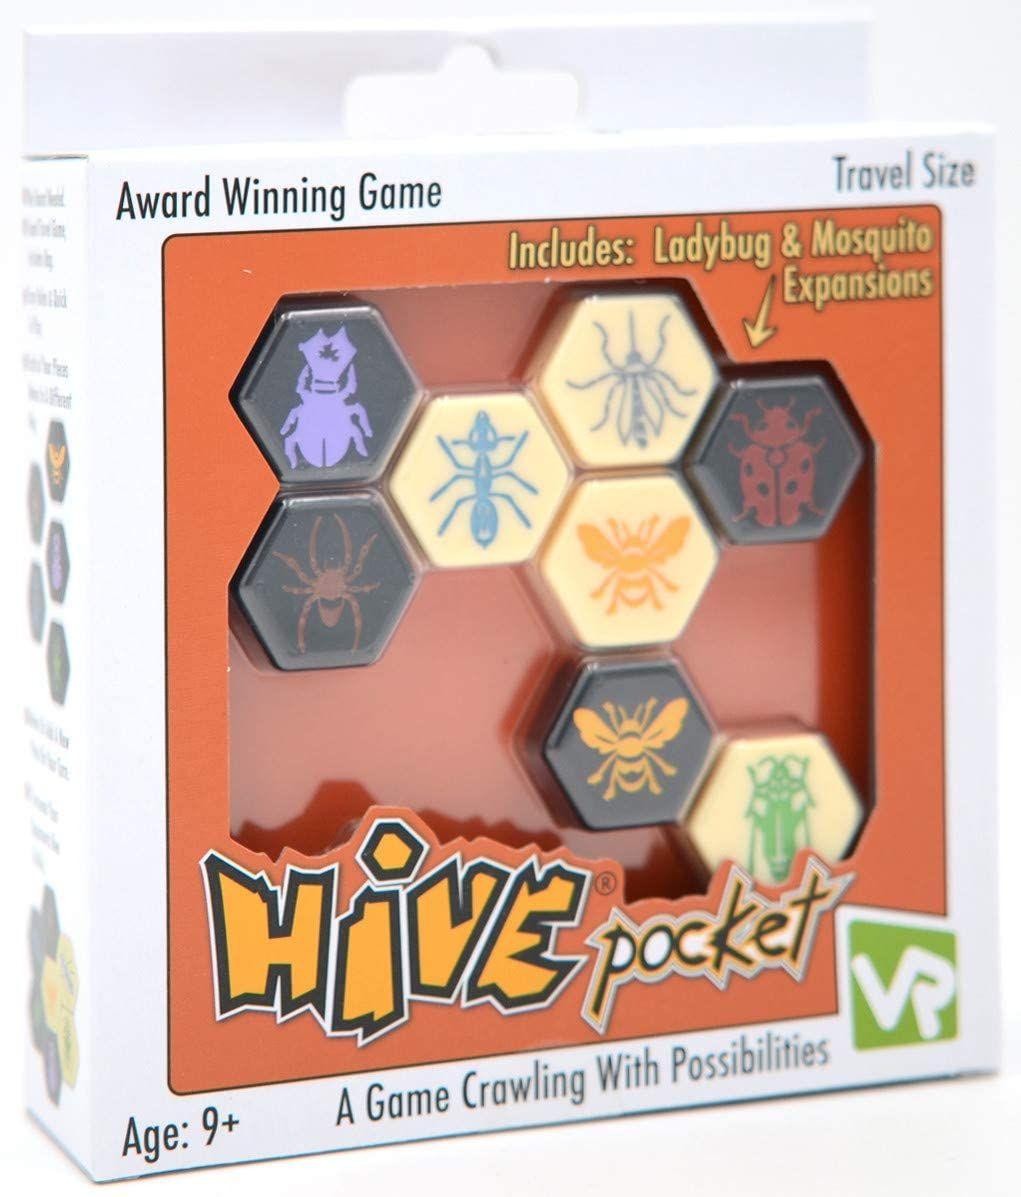 Hive Pocket juego de mesa